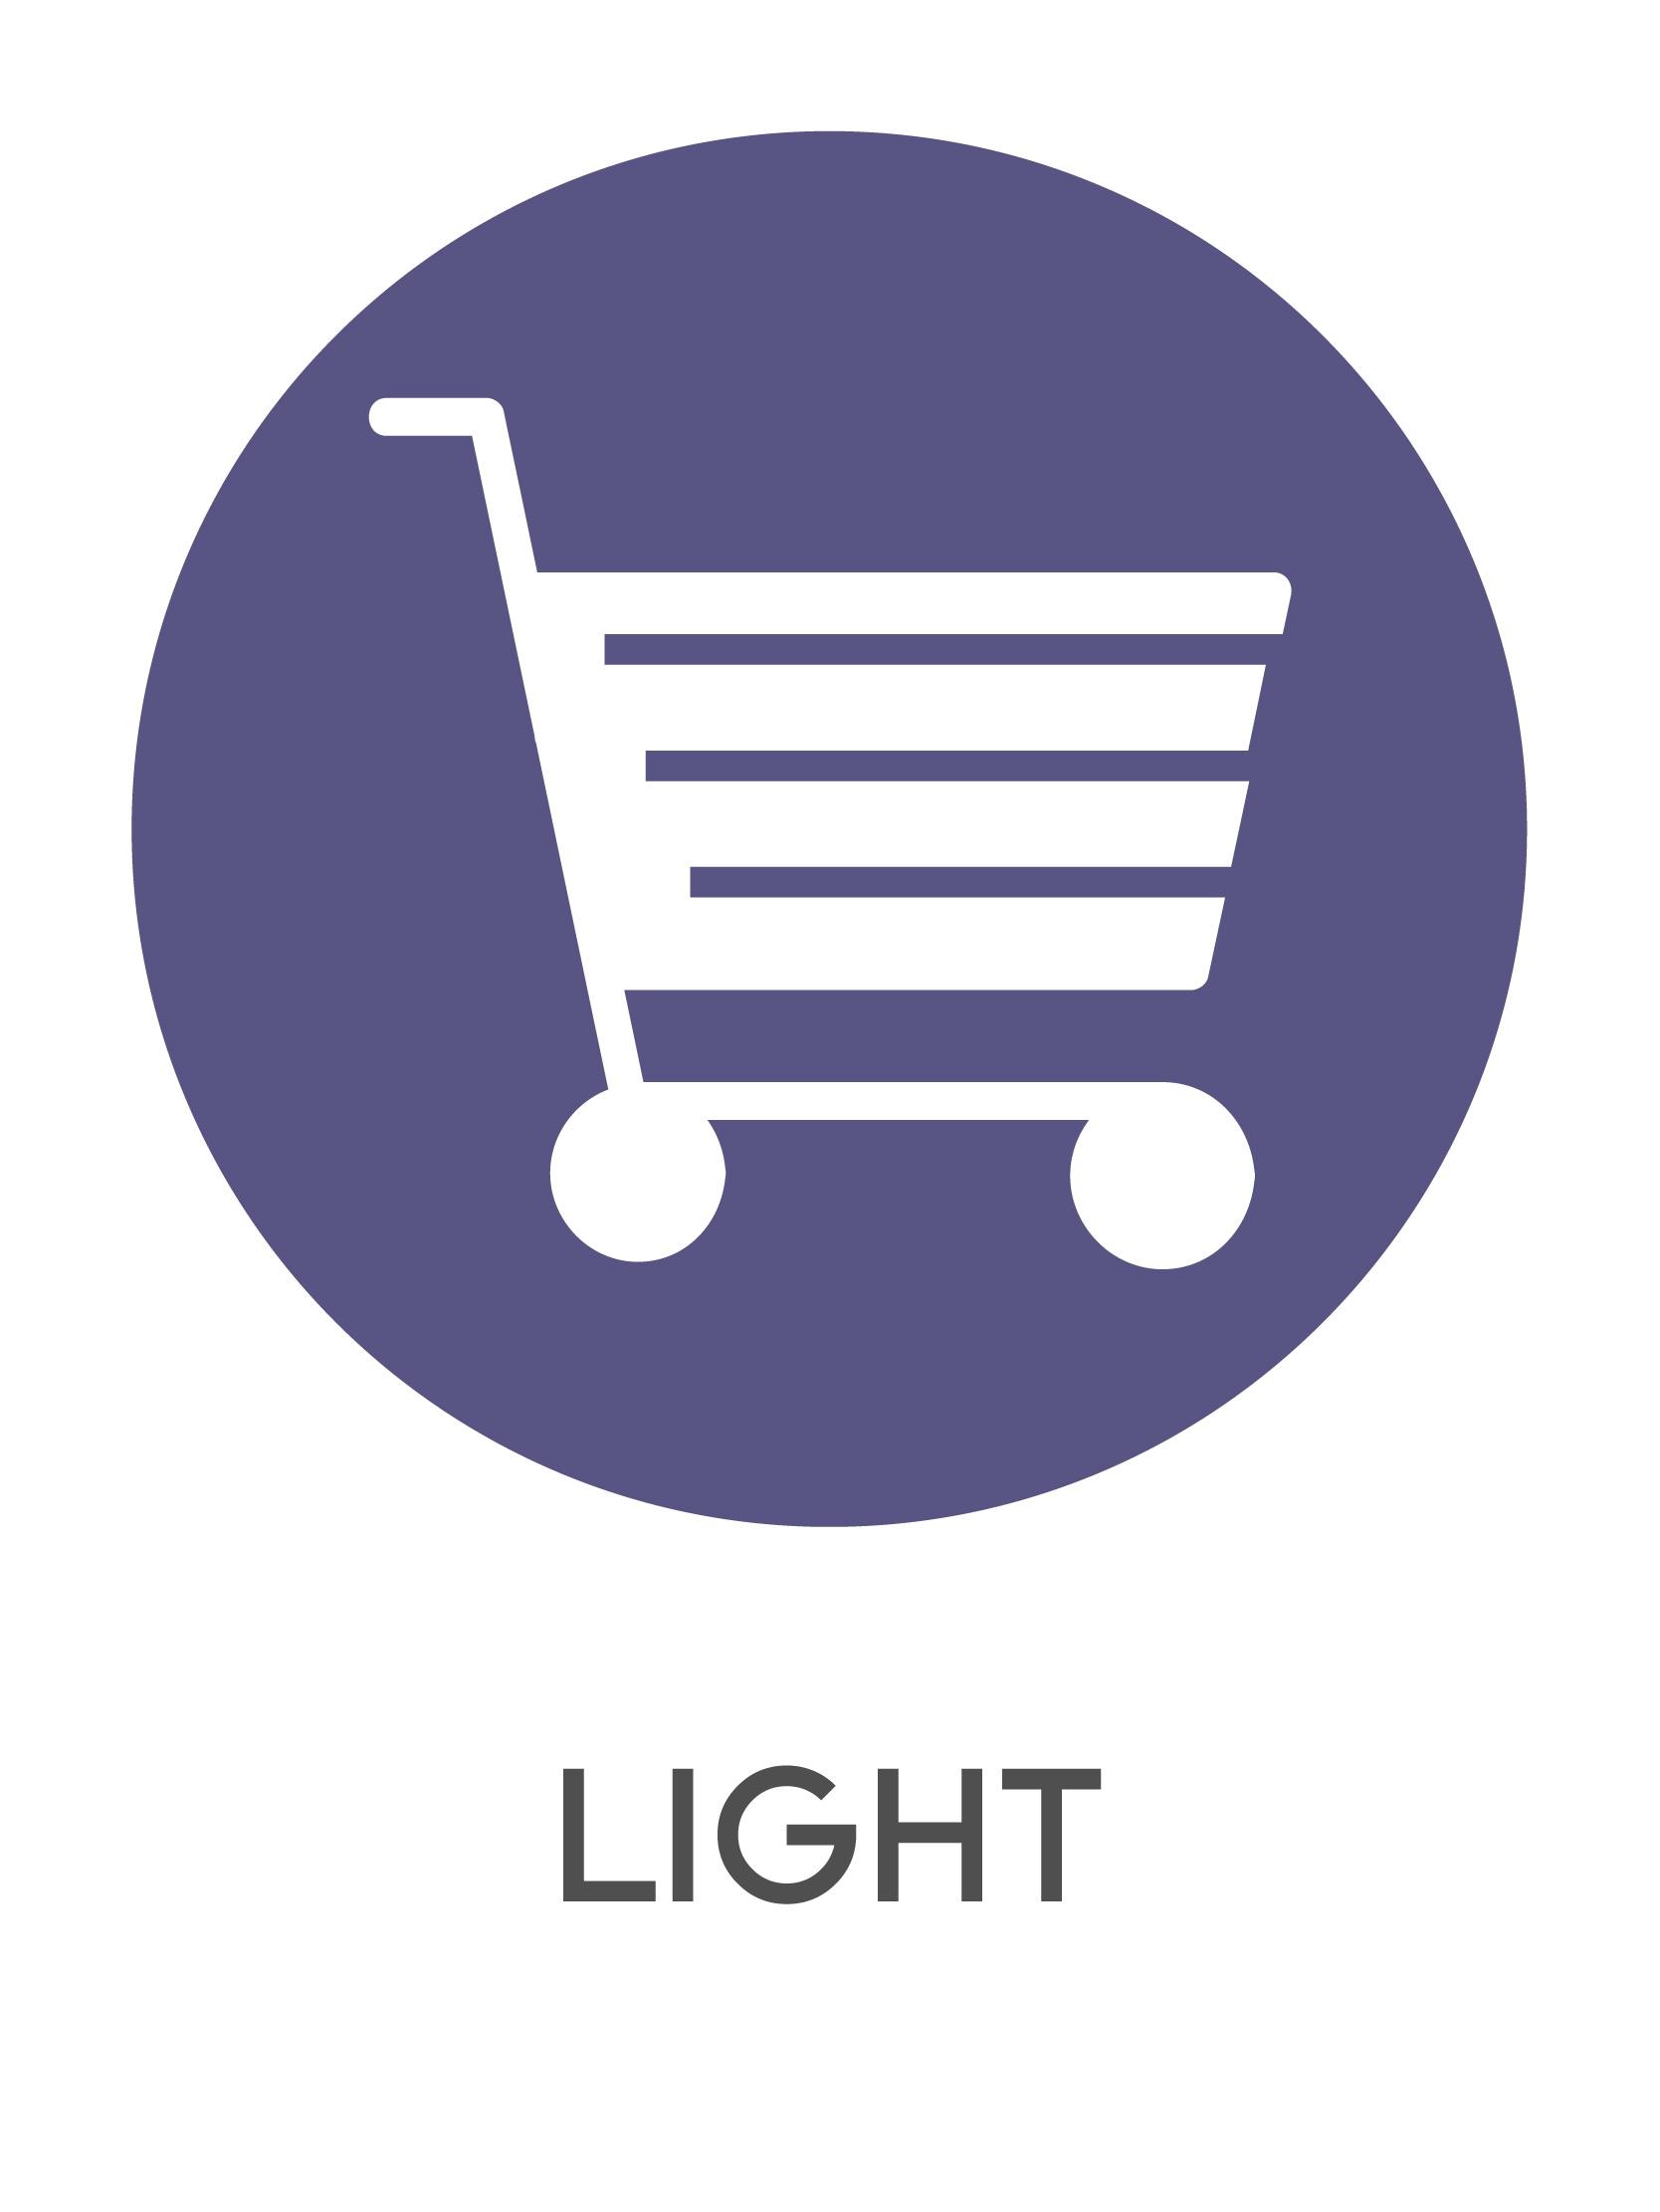 light-01-01